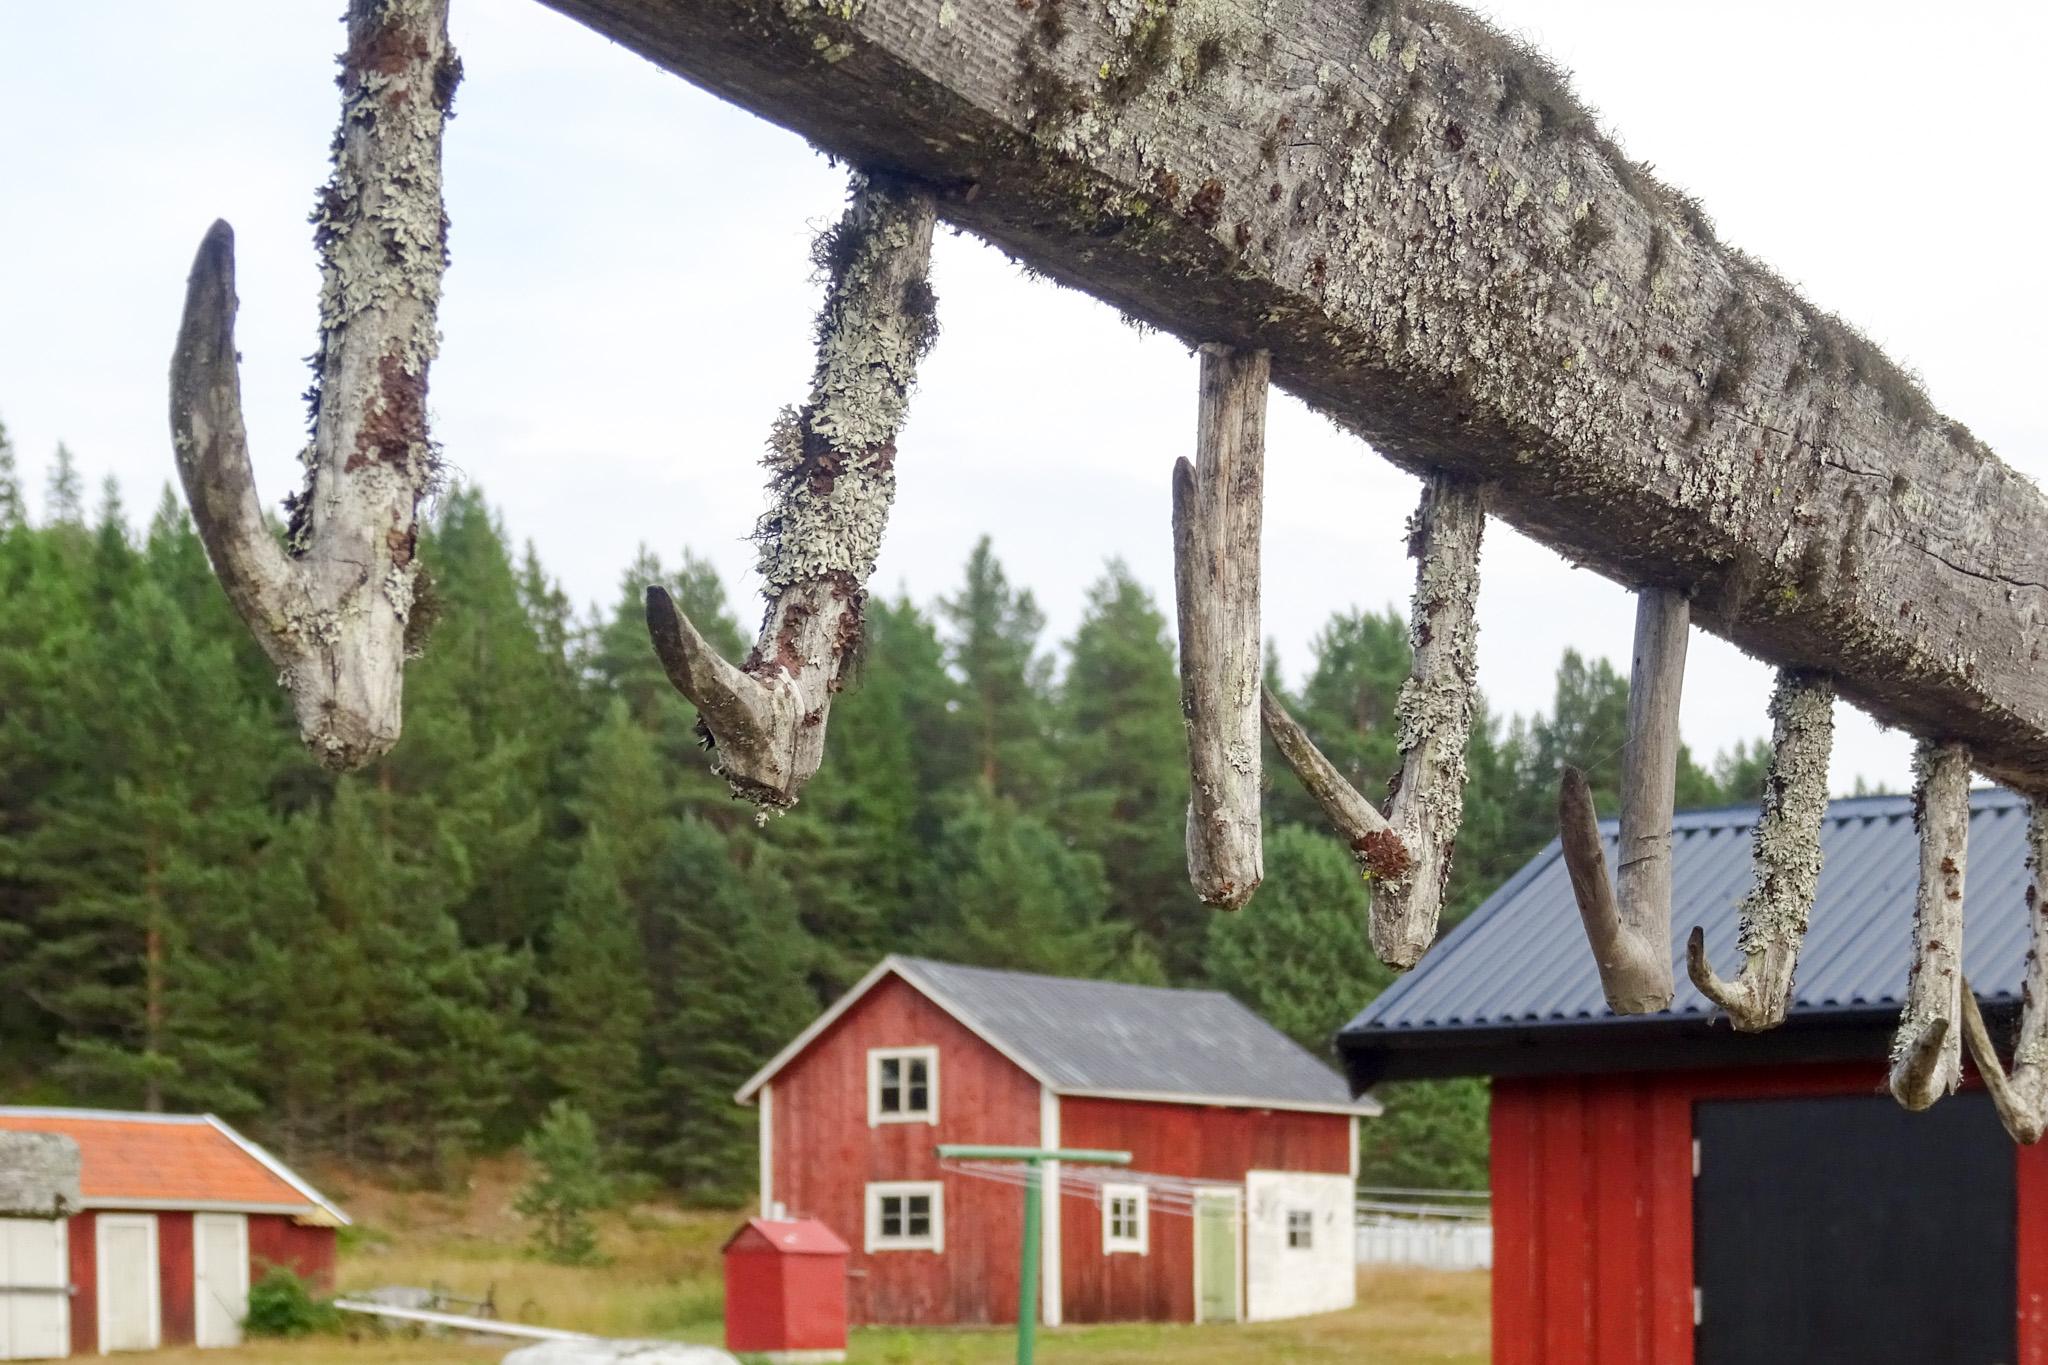 Hölzernes Trockengestell für Fische und Netze